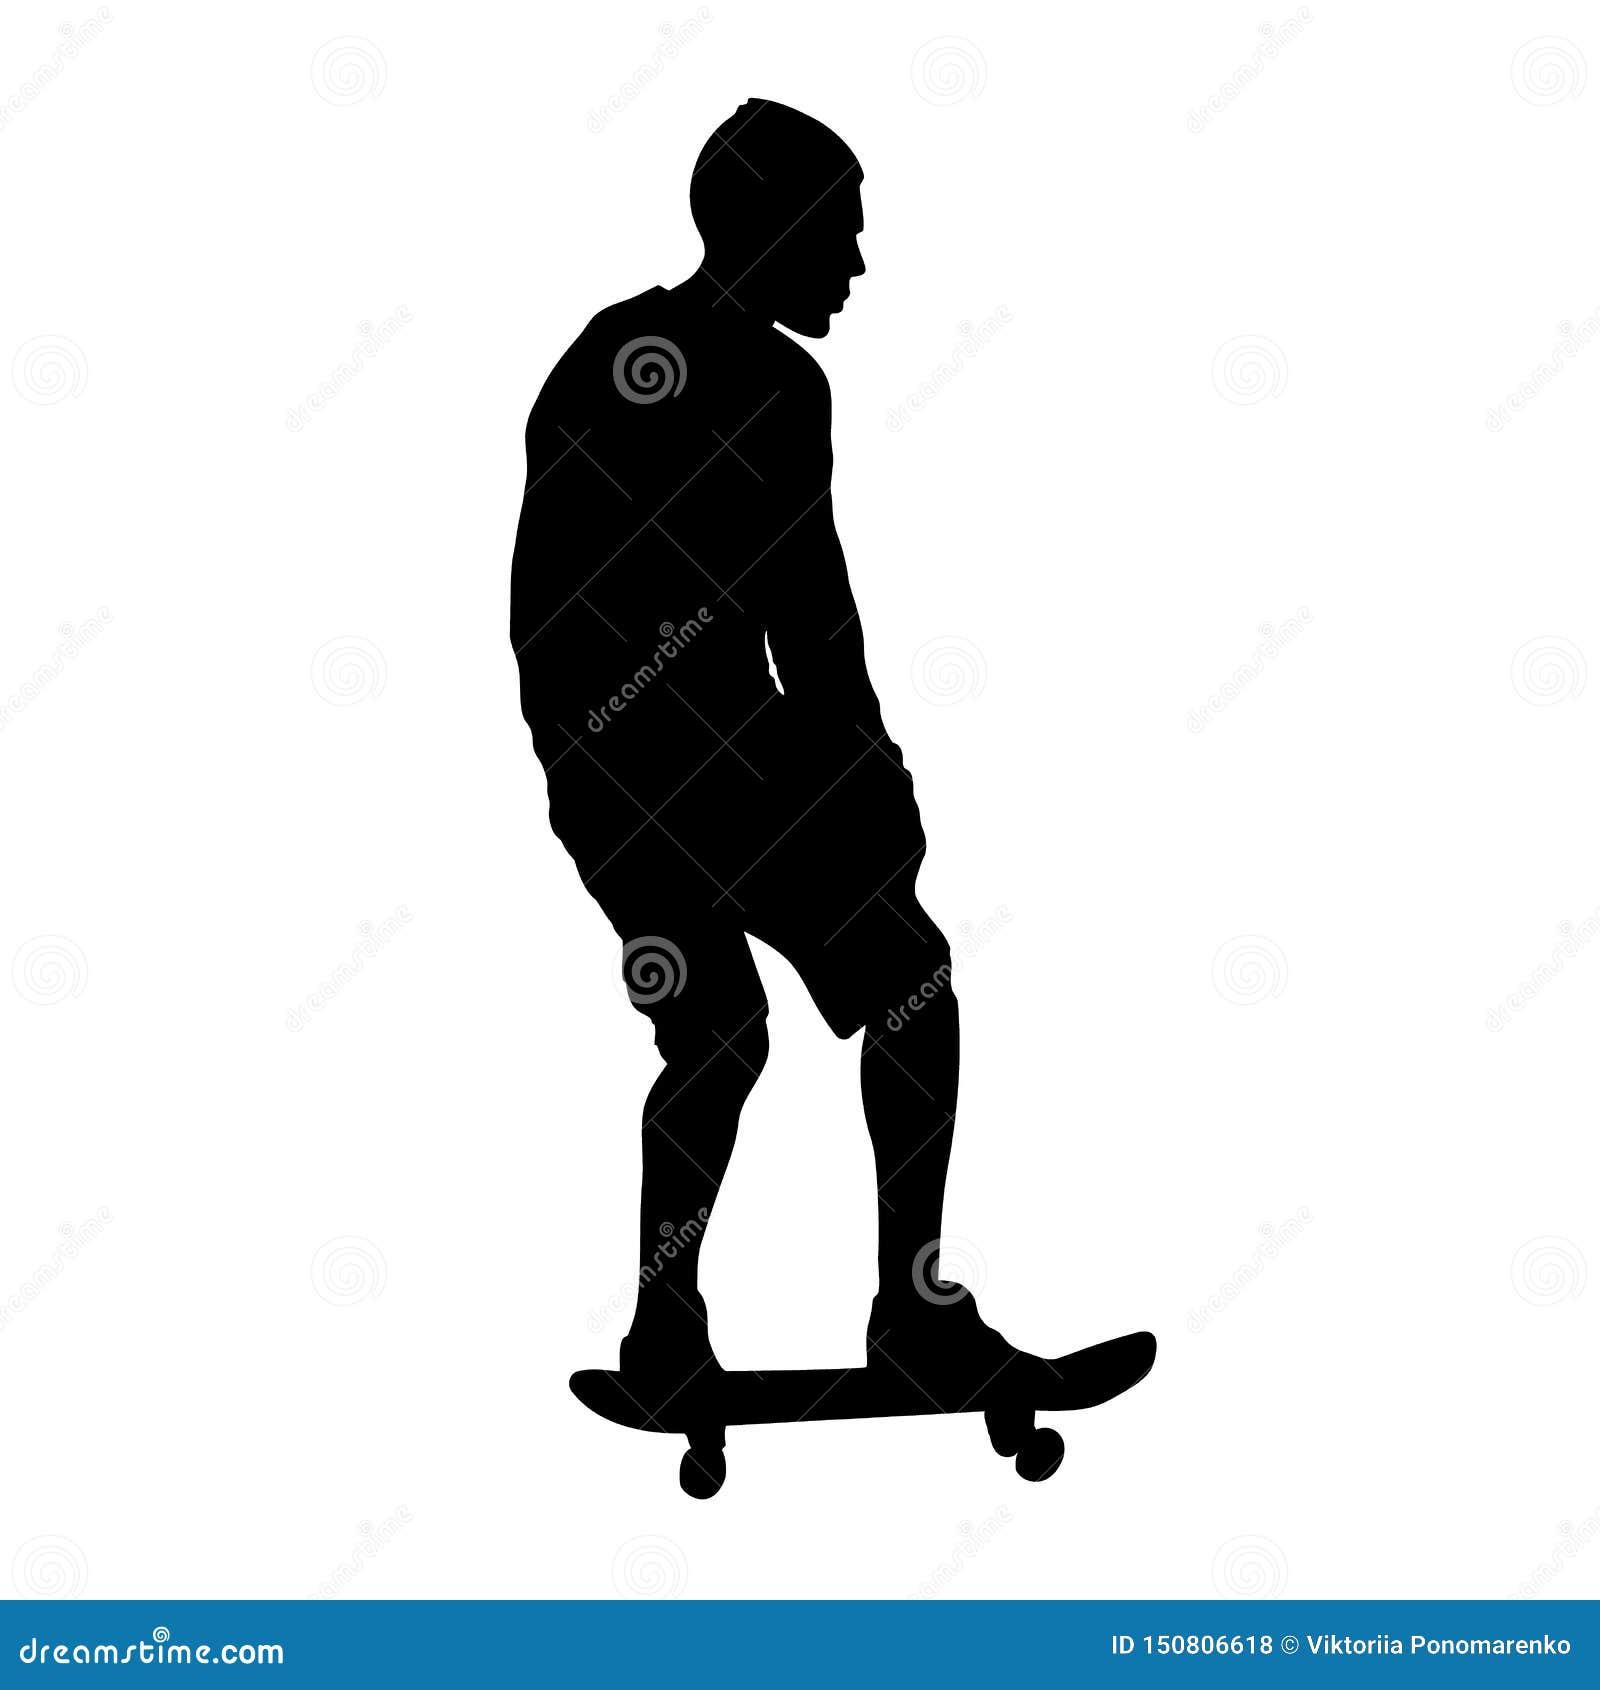 Svart kontur av skateboarderen som isoleras på vit bakgrund